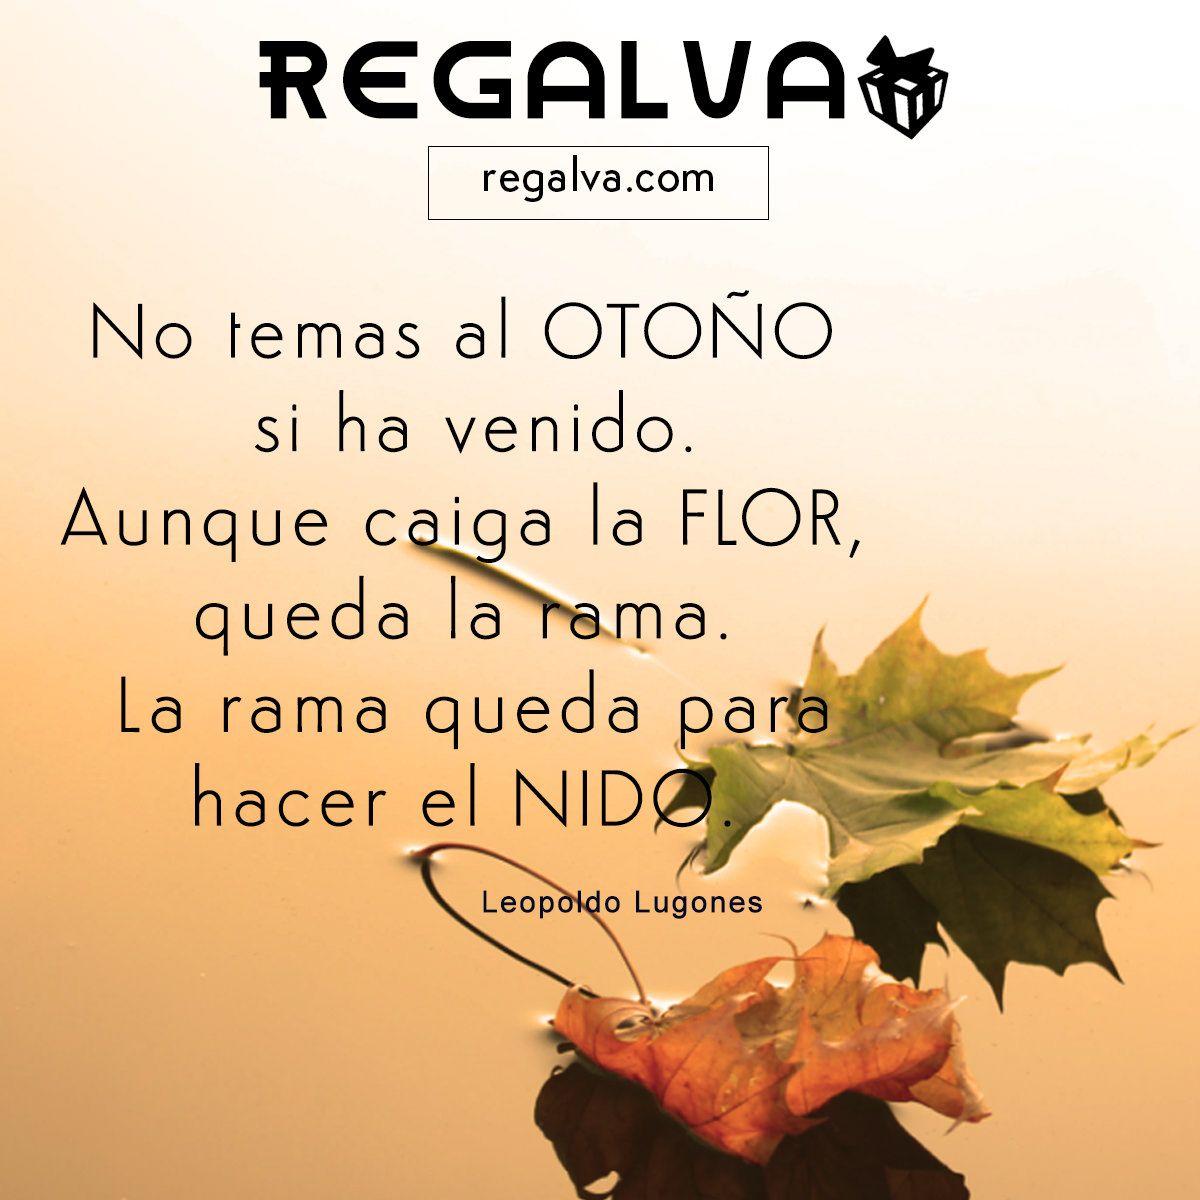 Best Imagenes De Otono Con Frases Bonitas Image Collection